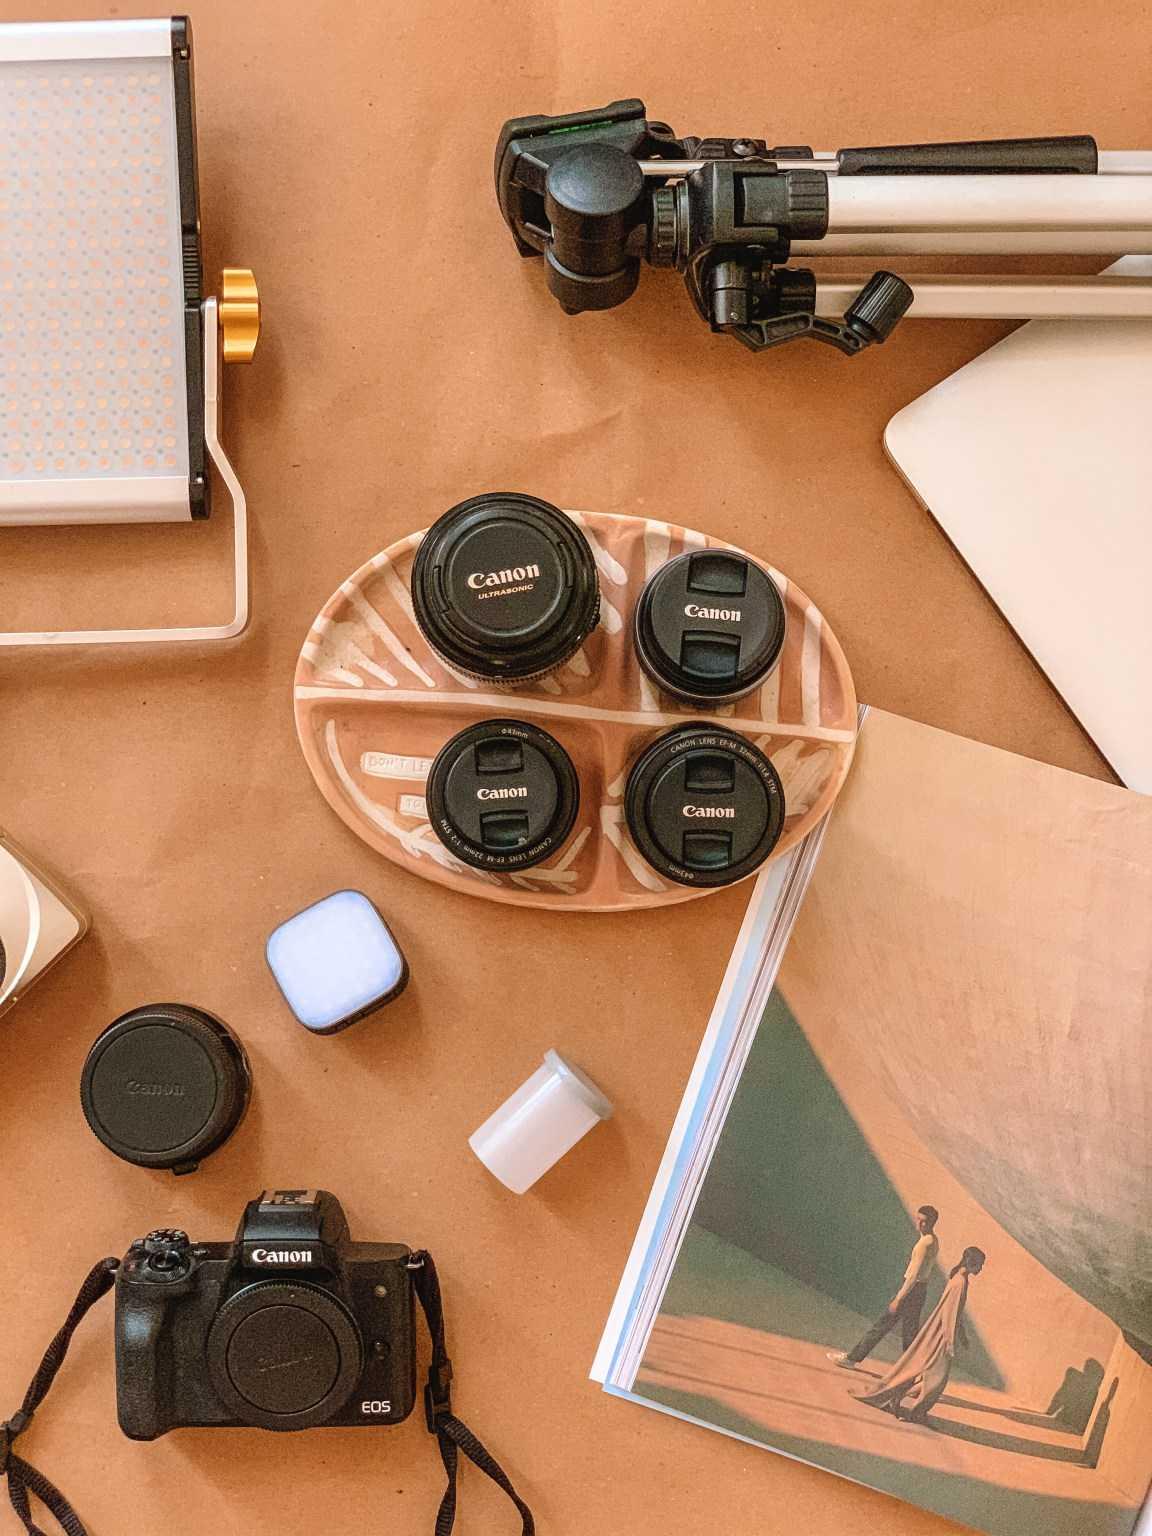 ציוד הצילום שלי + קוד קופון לקול גירלז